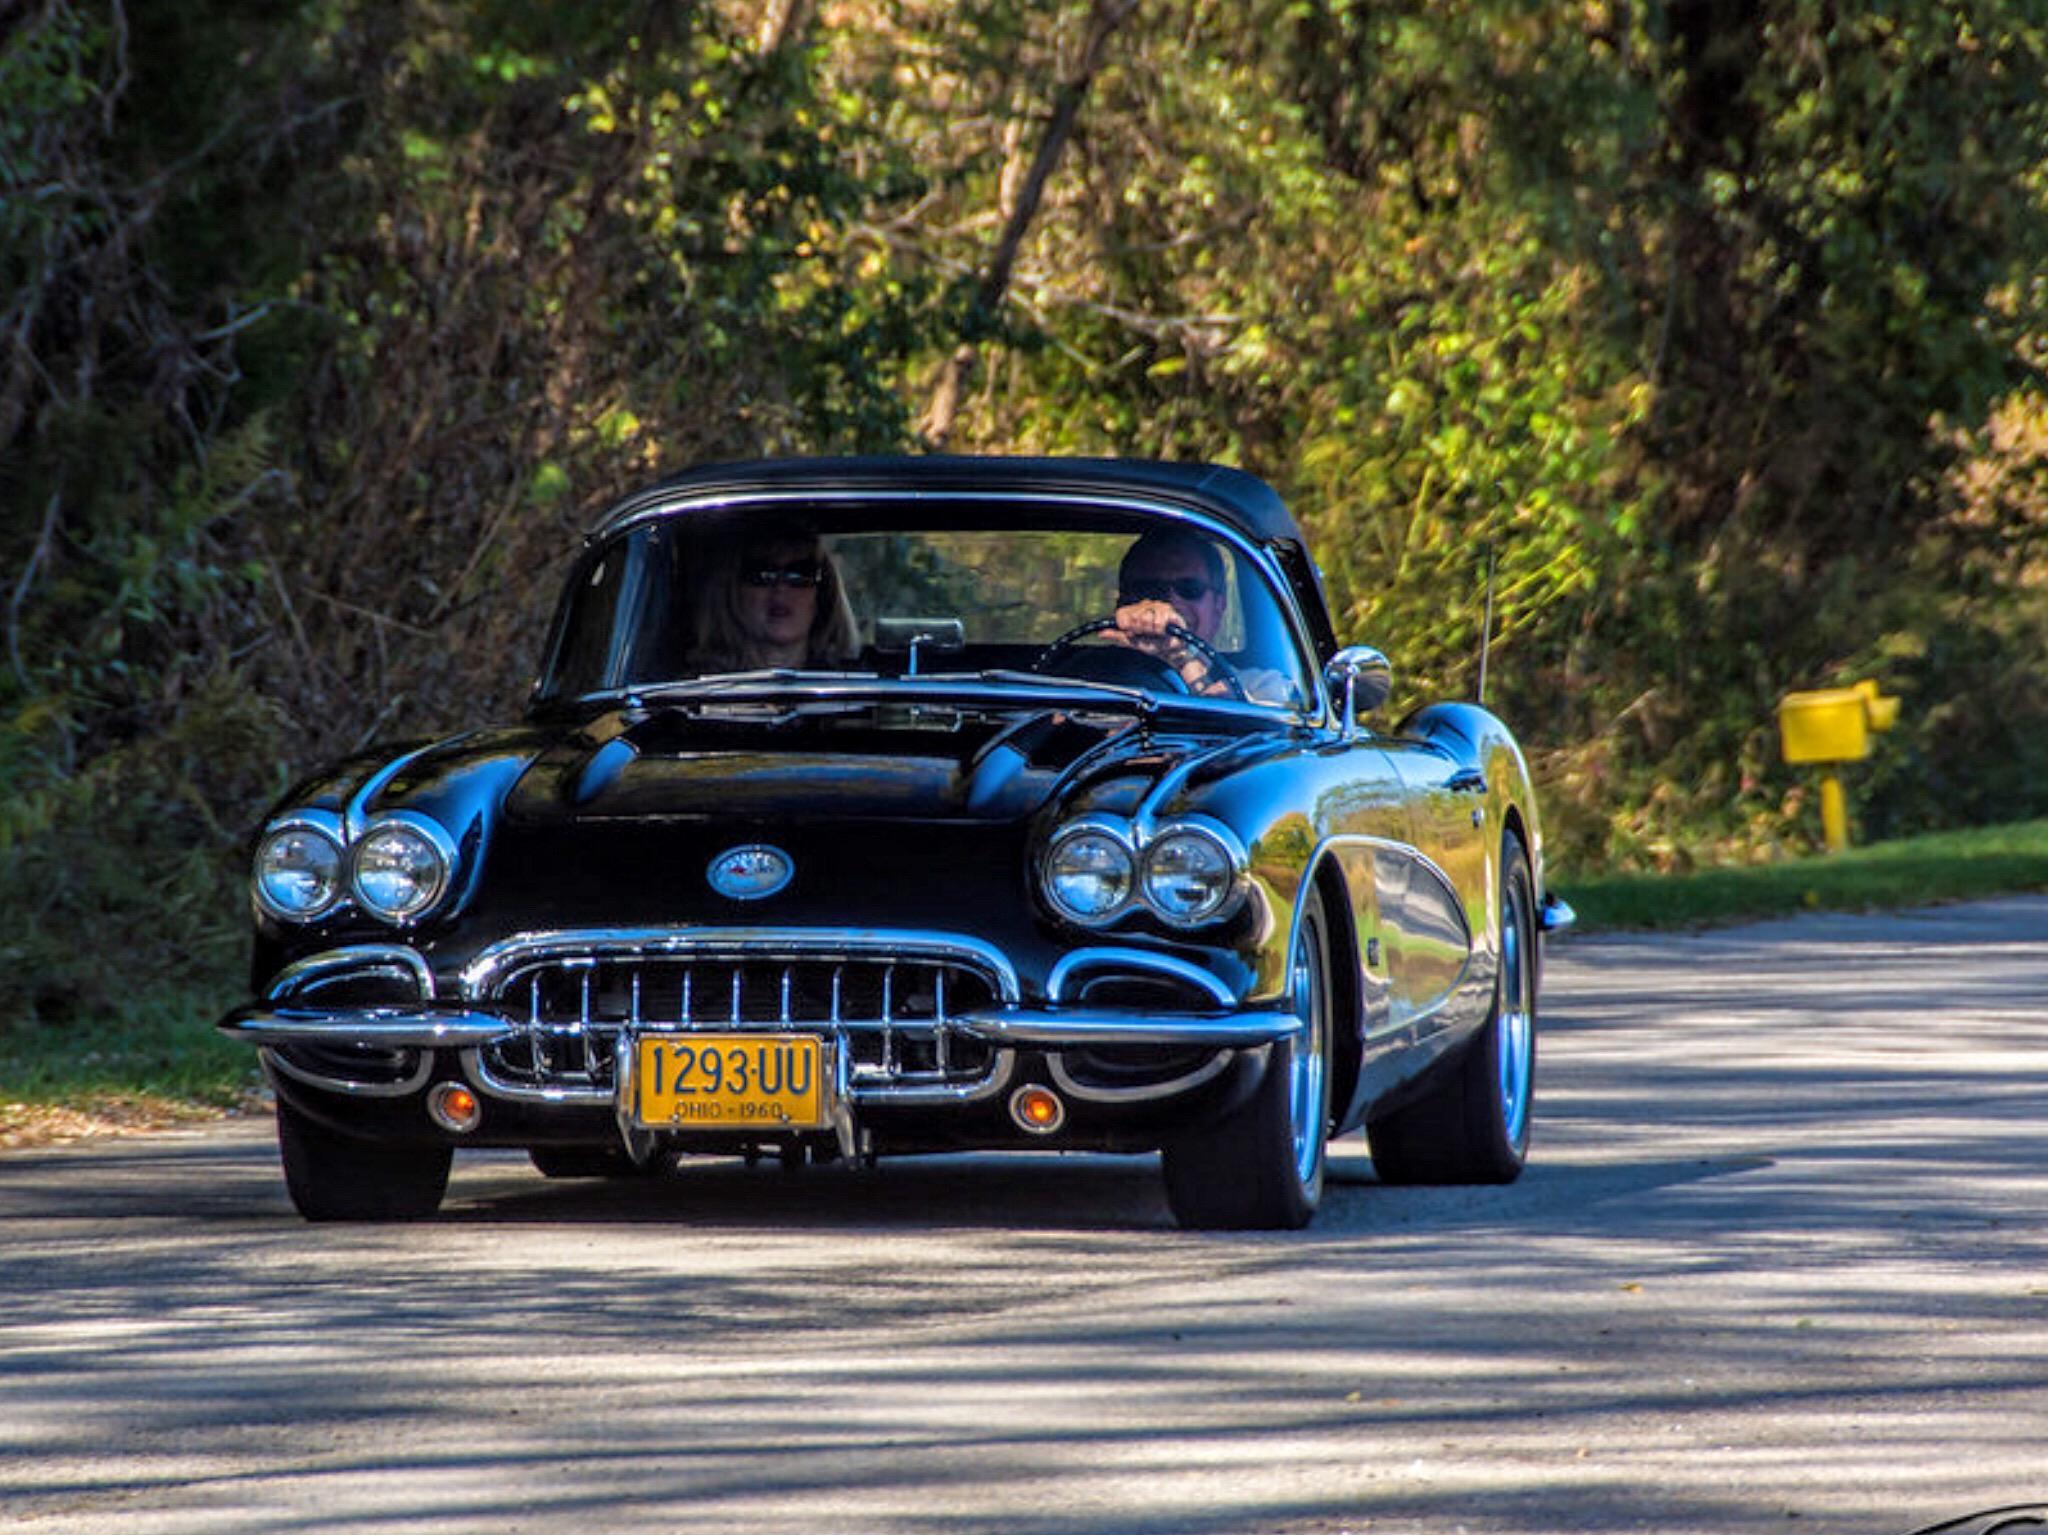 Legendary Black Corvette C1